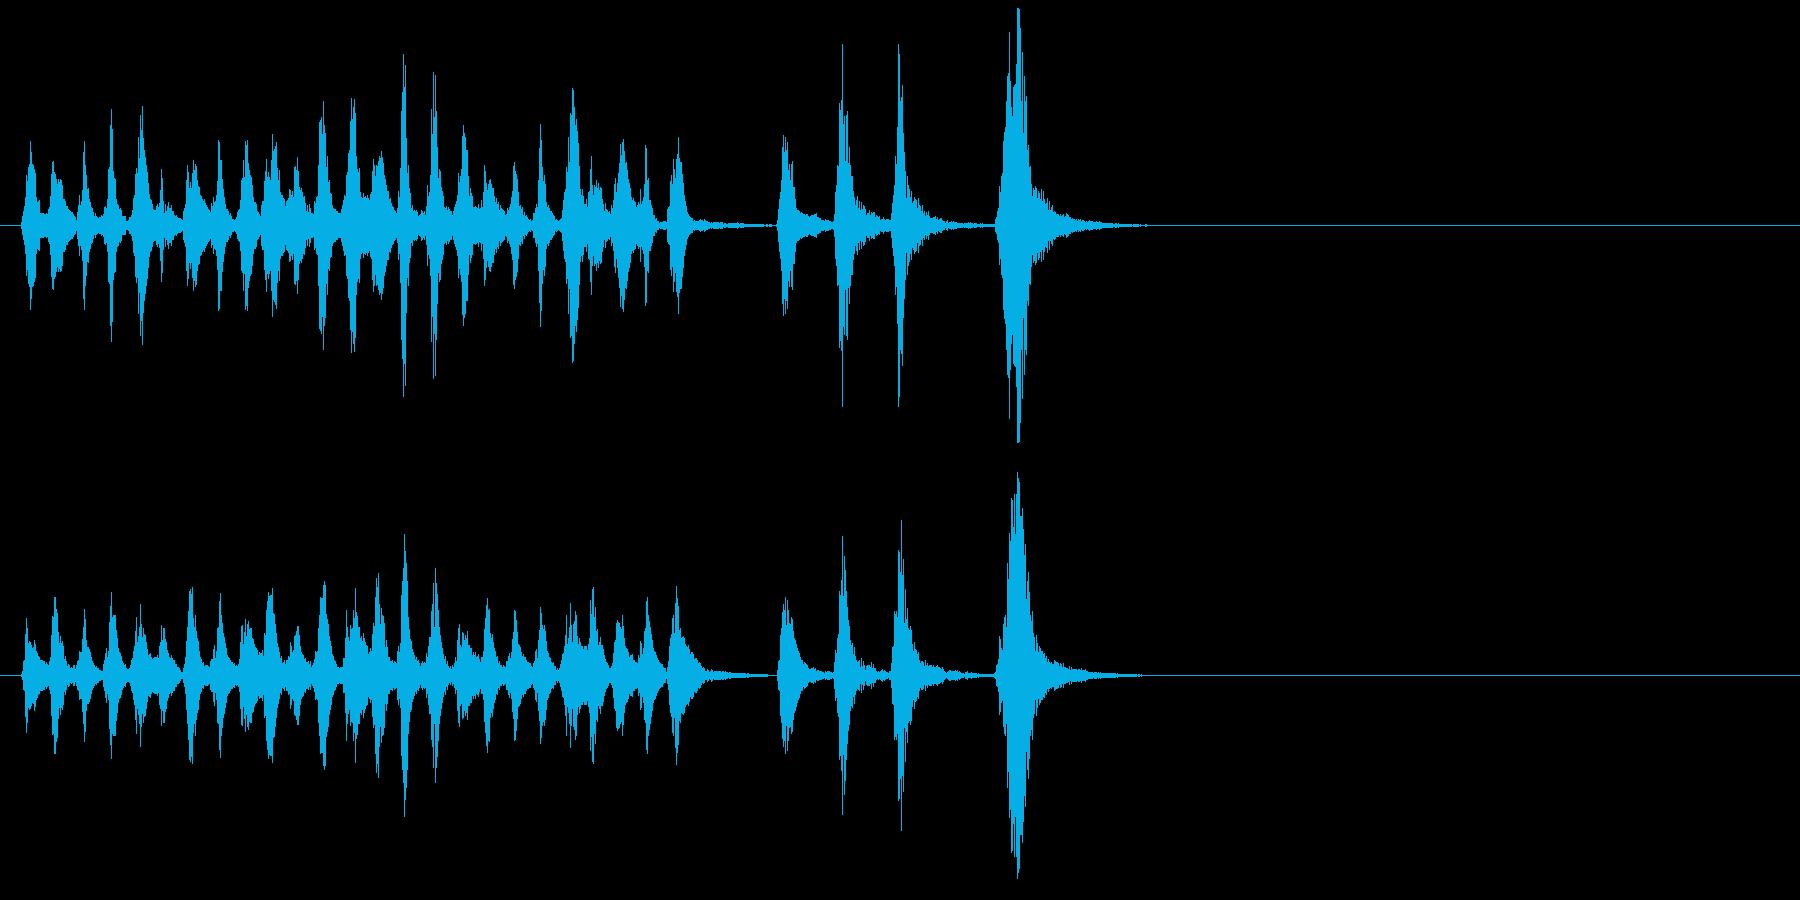 静かな電子音がミステリアスなバラードの再生済みの波形